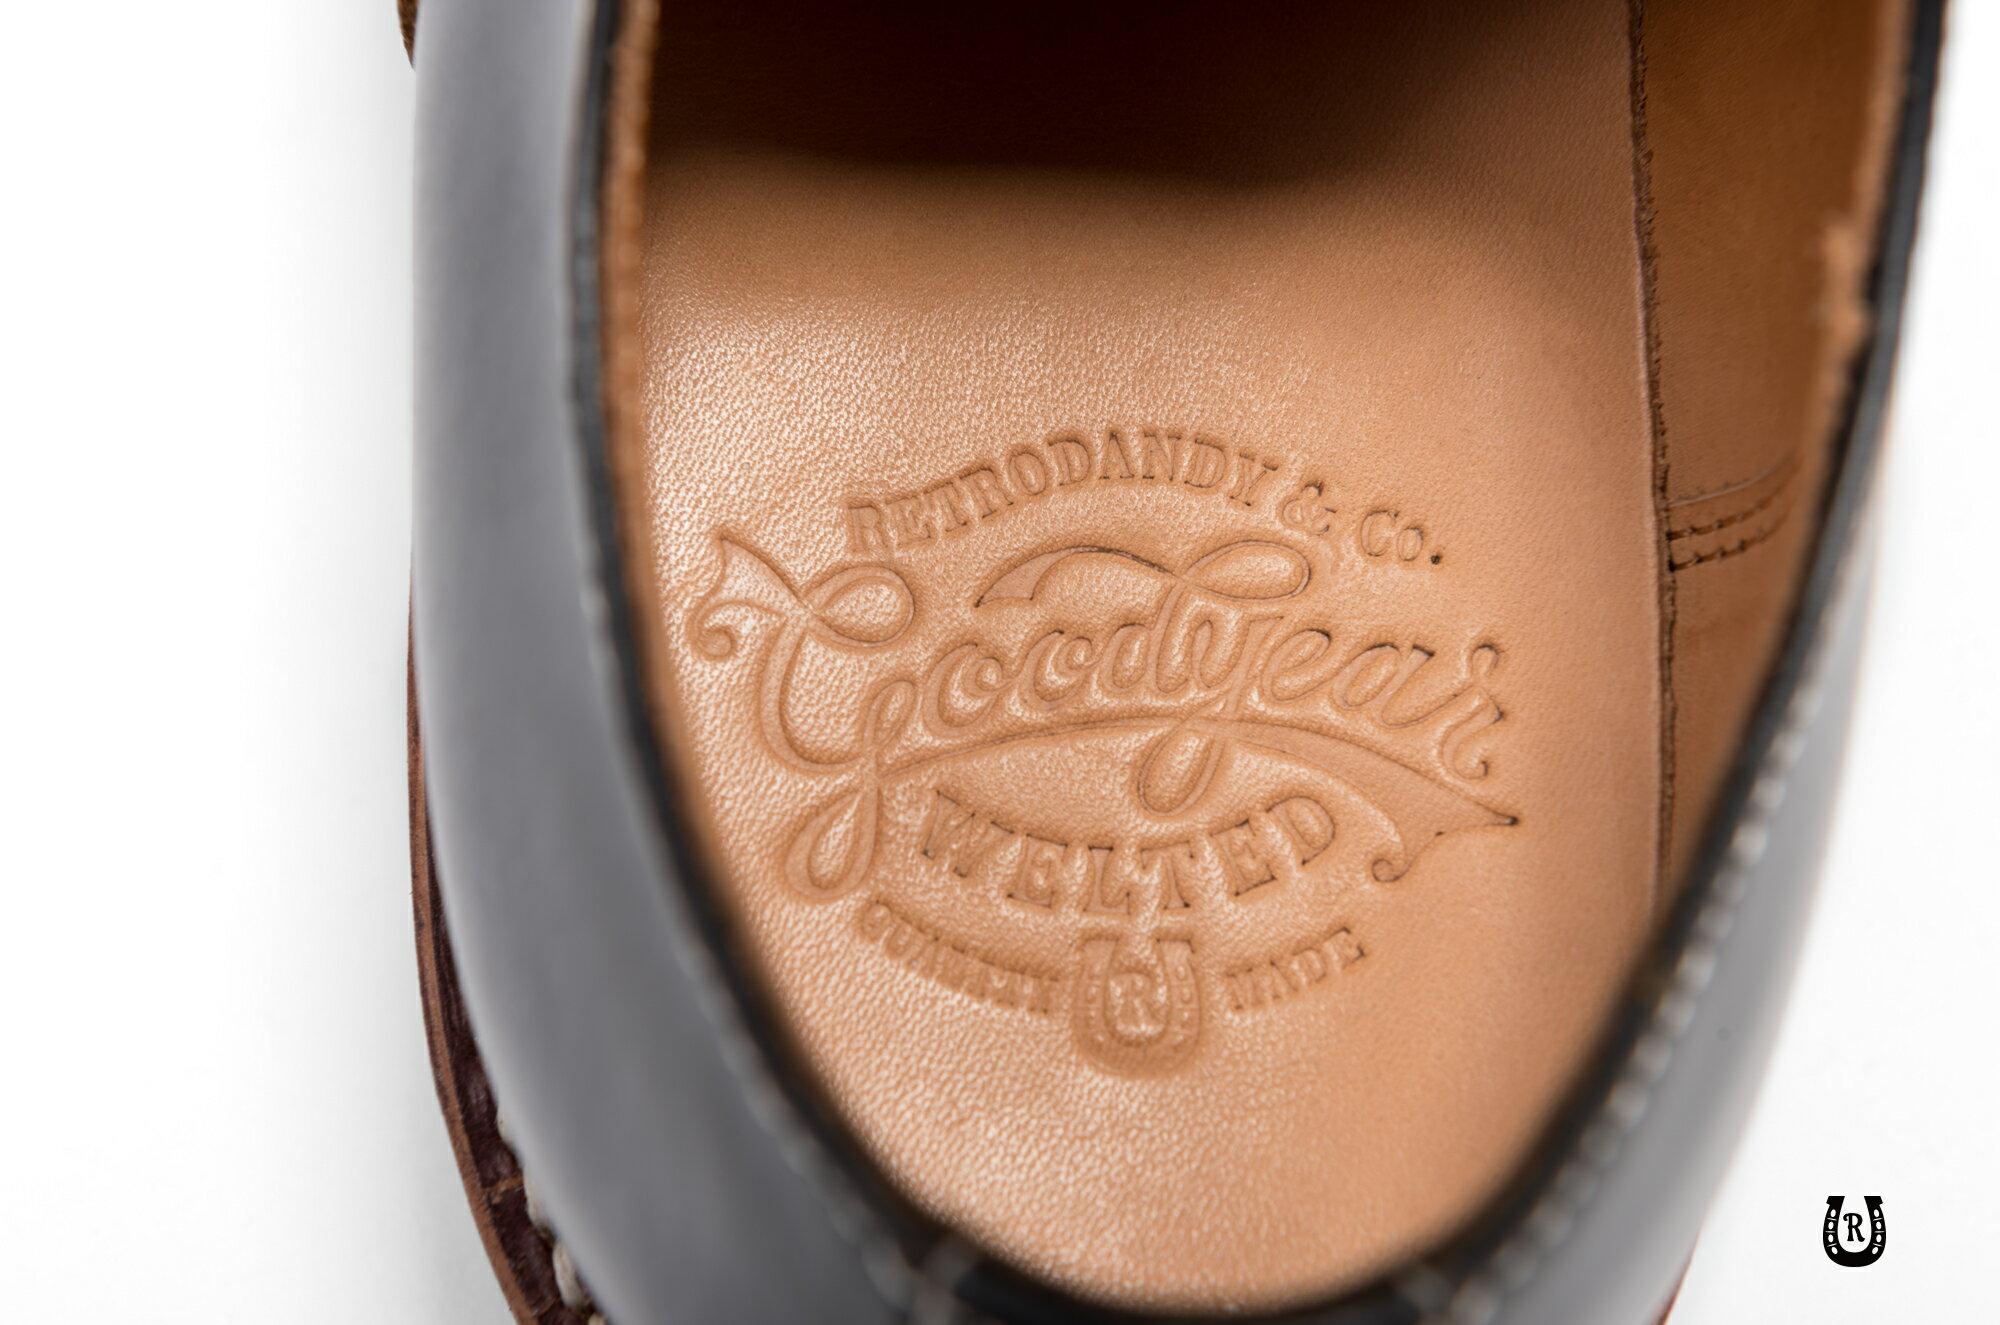 【預購八折】Retrodandy Saddle shoes 經典復古工作皮鞋 日廠Goodyear固特異手工製鞋法 3